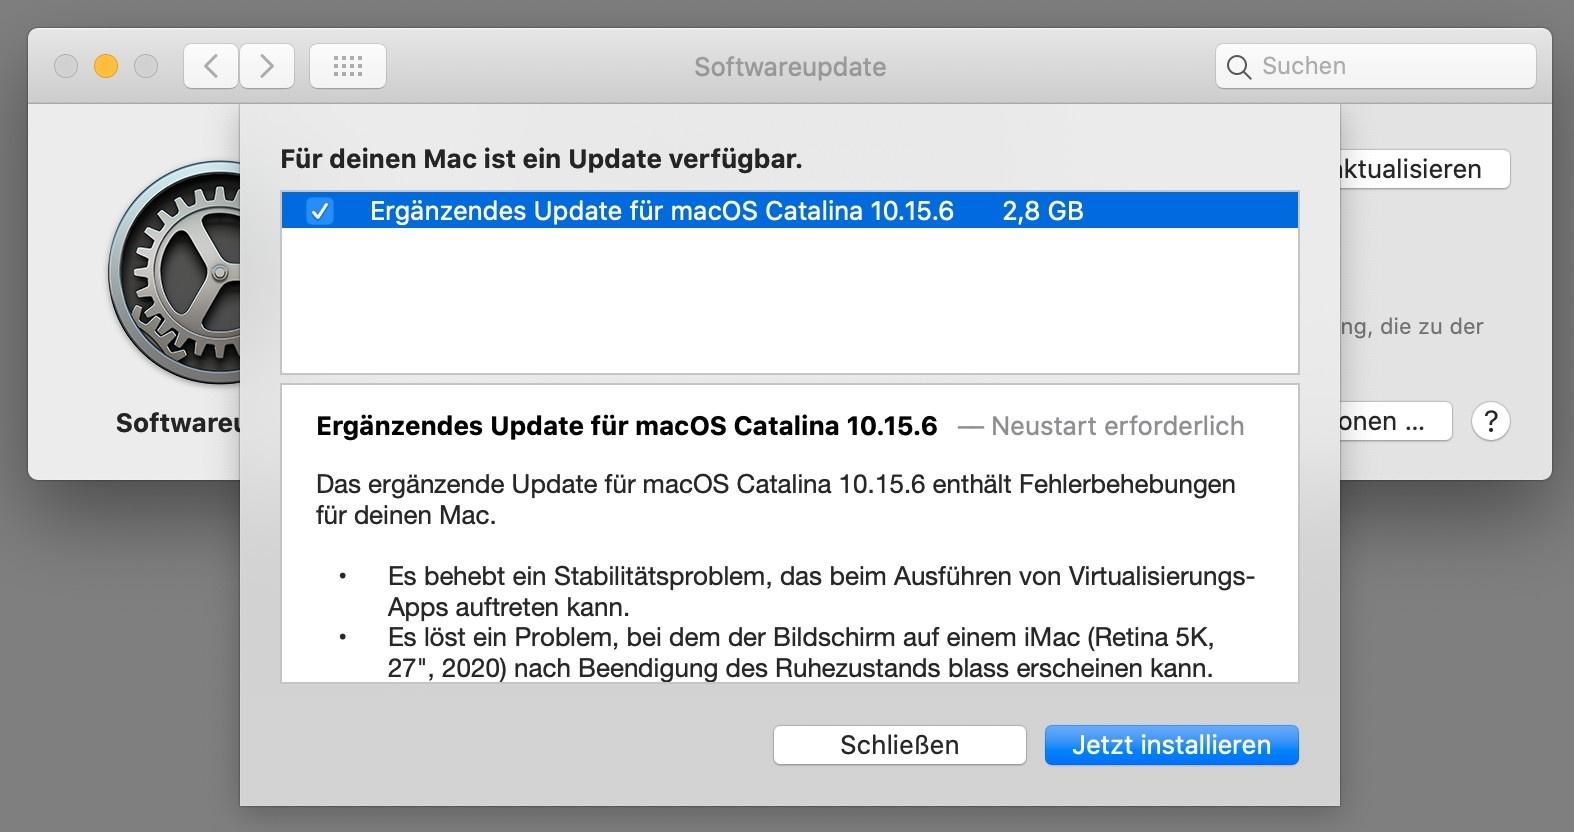 macOS Catalina 10.15.6 – Das ergänzende Update soll für mehr Stabilität sorgen